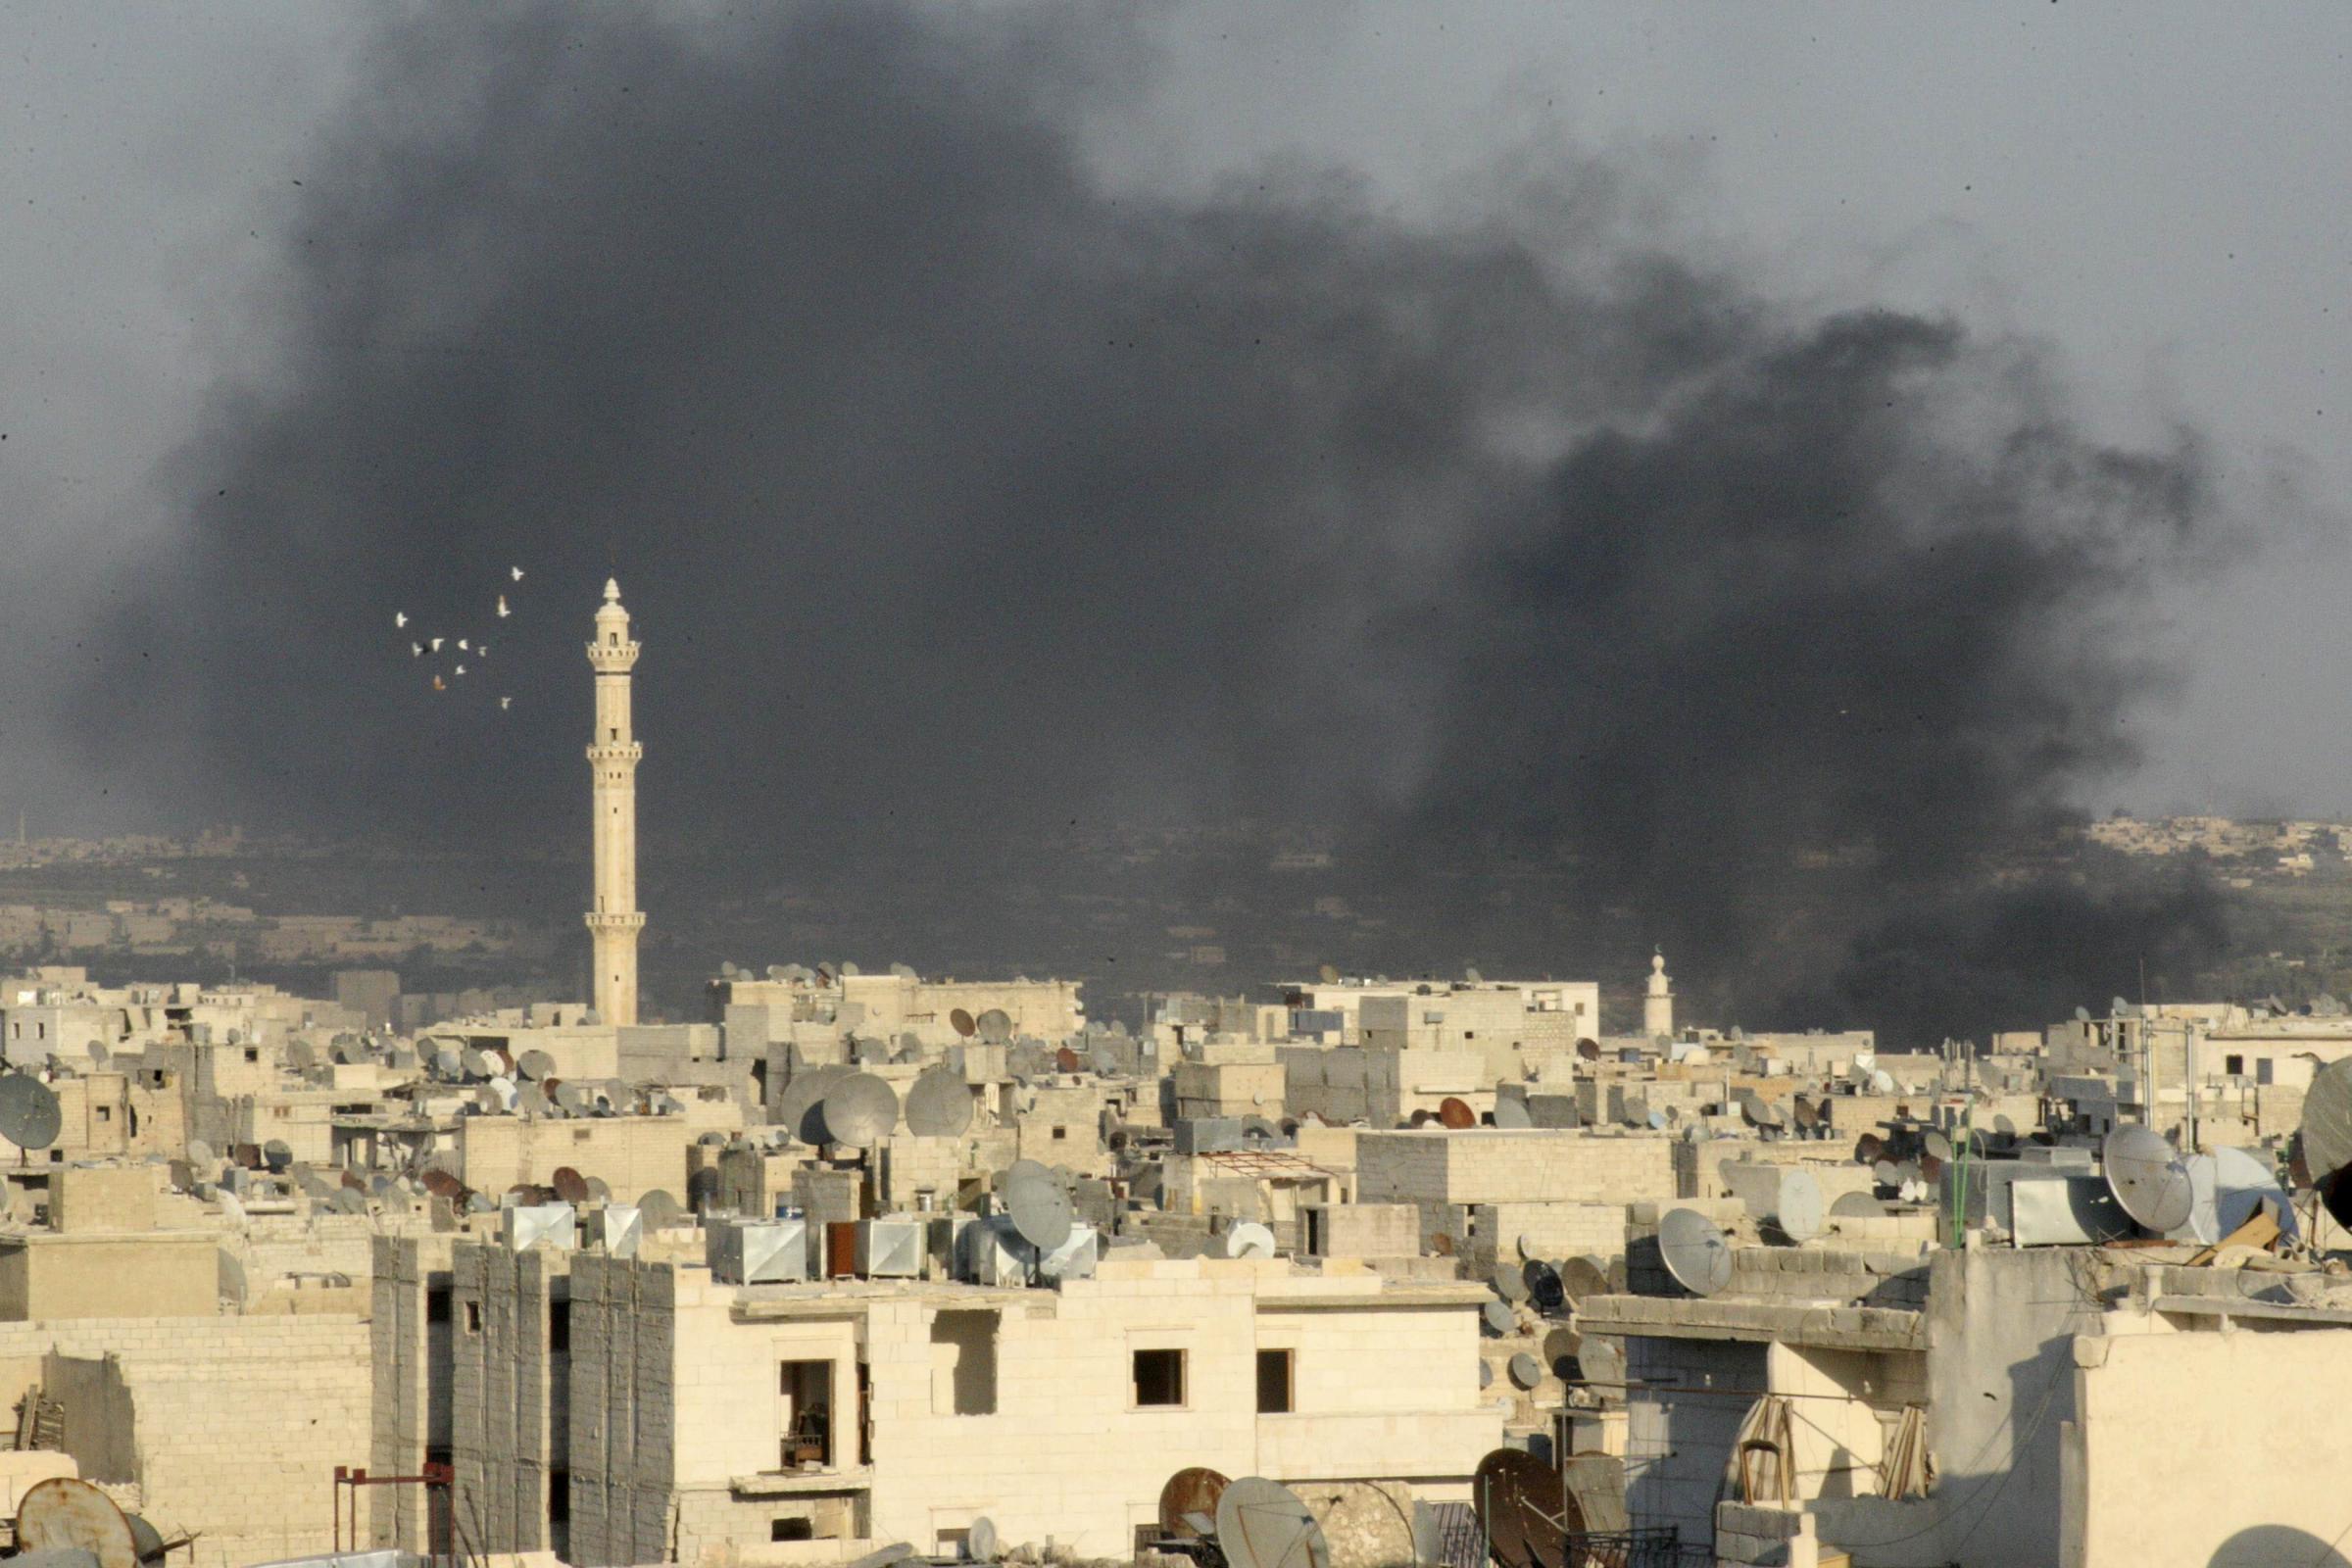 阿勒颇/叙利亚内战继续。9月4日,阿勒颇城内冒出黑烟。